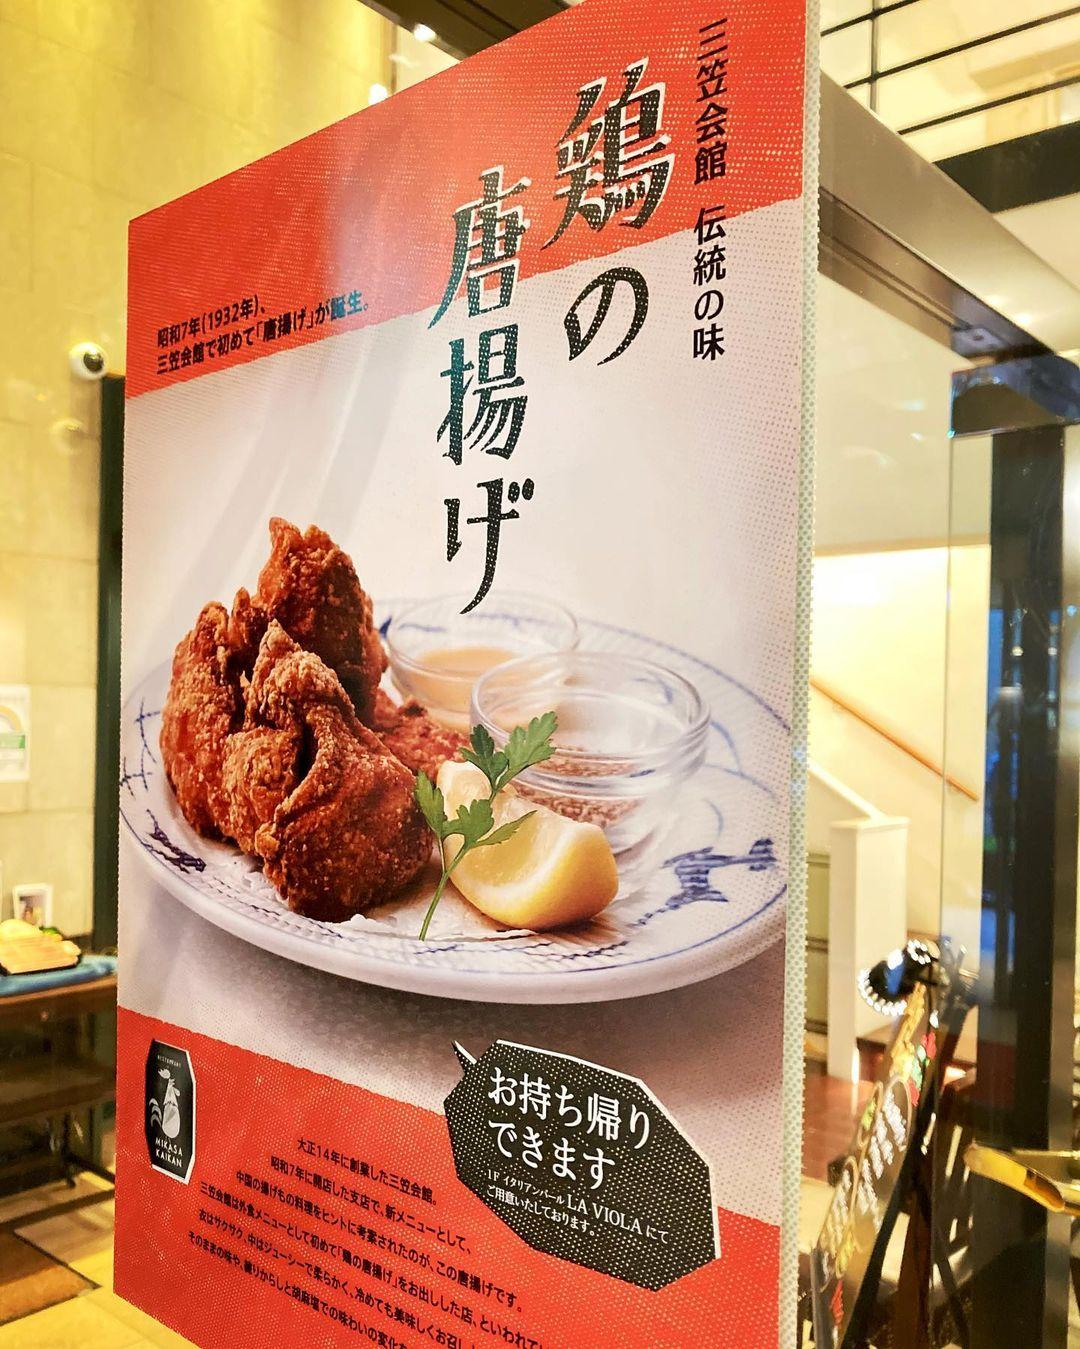 銀座・三笠会館で、鶏の唐揚げ(2021.04.09)